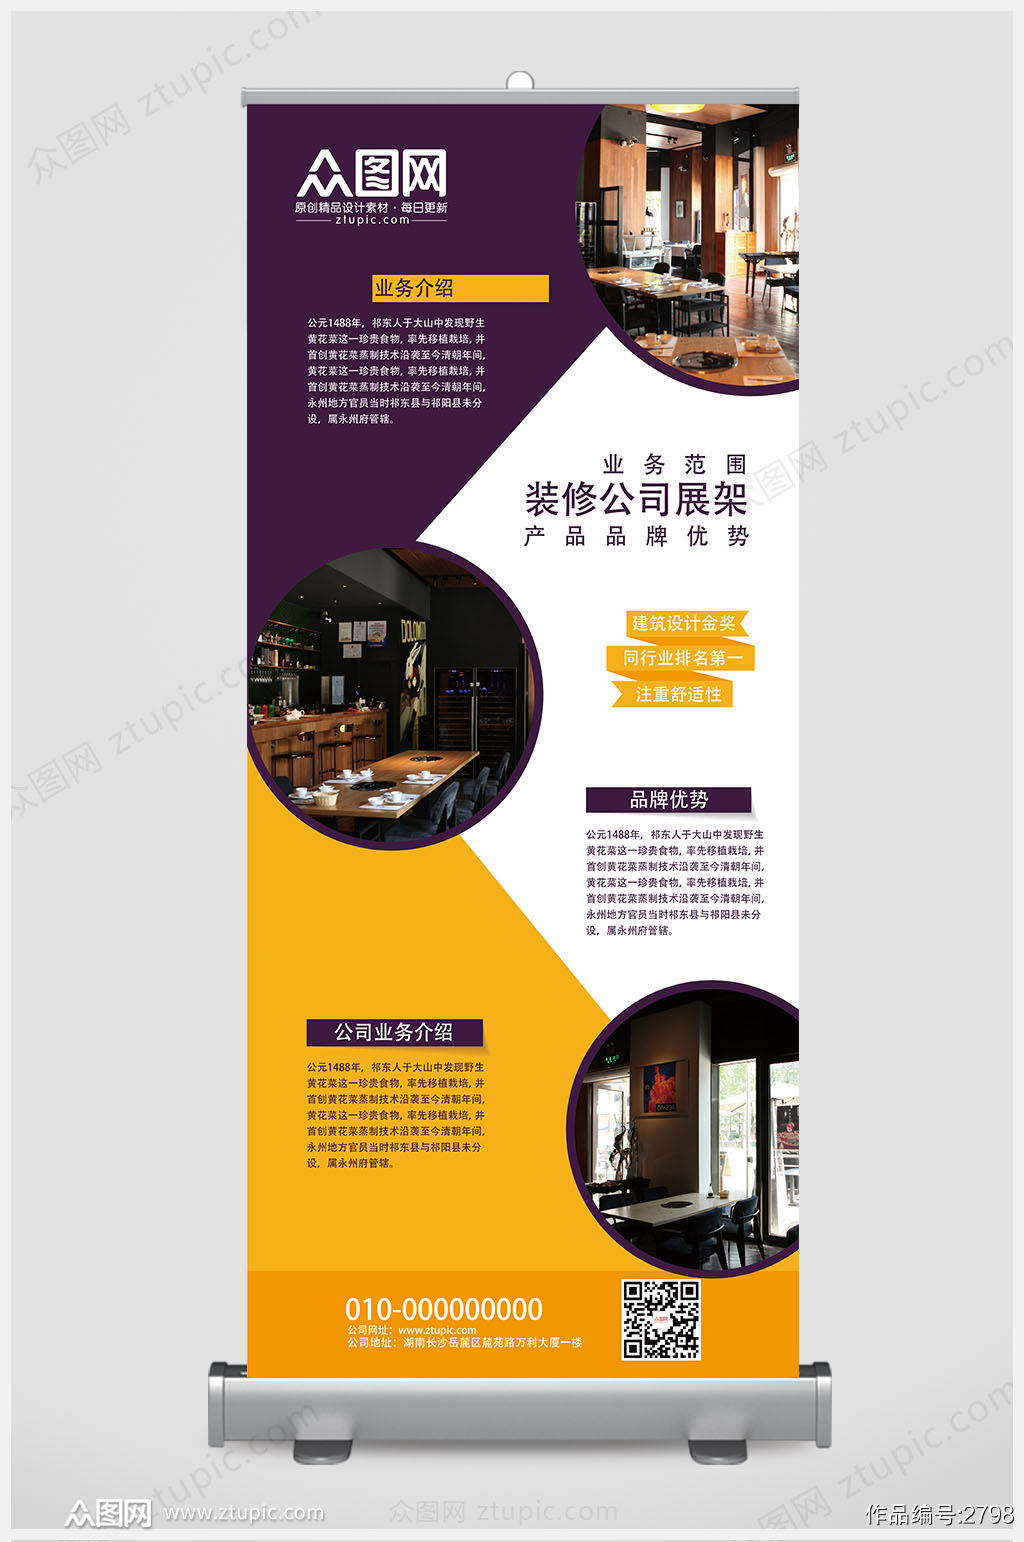 简洁时尚企业优势建筑装饰公司展架易拉宝素材